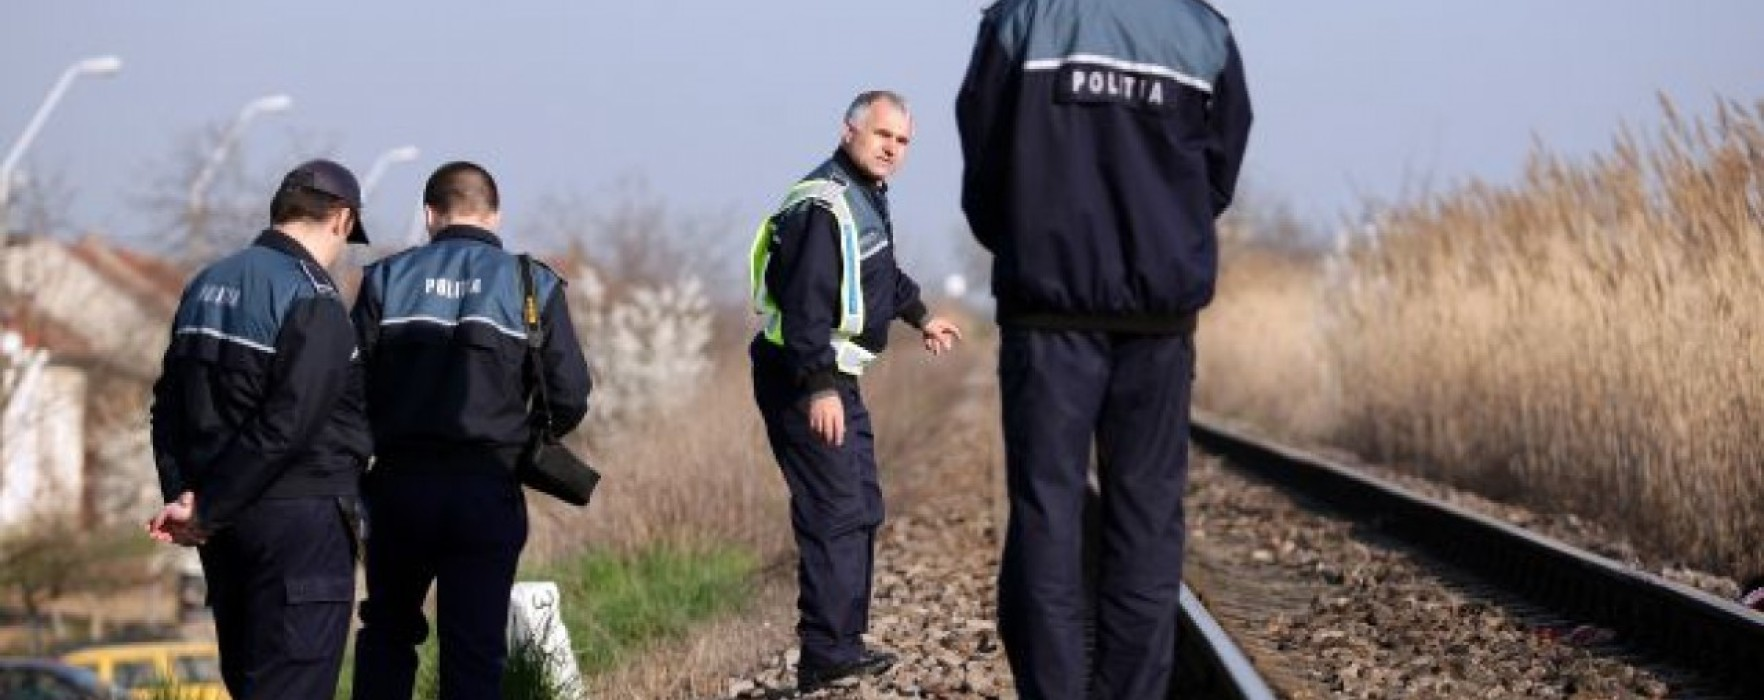 Dâmboviţa: Maşină lovită de tren la Doiceşti, o persoană a murit